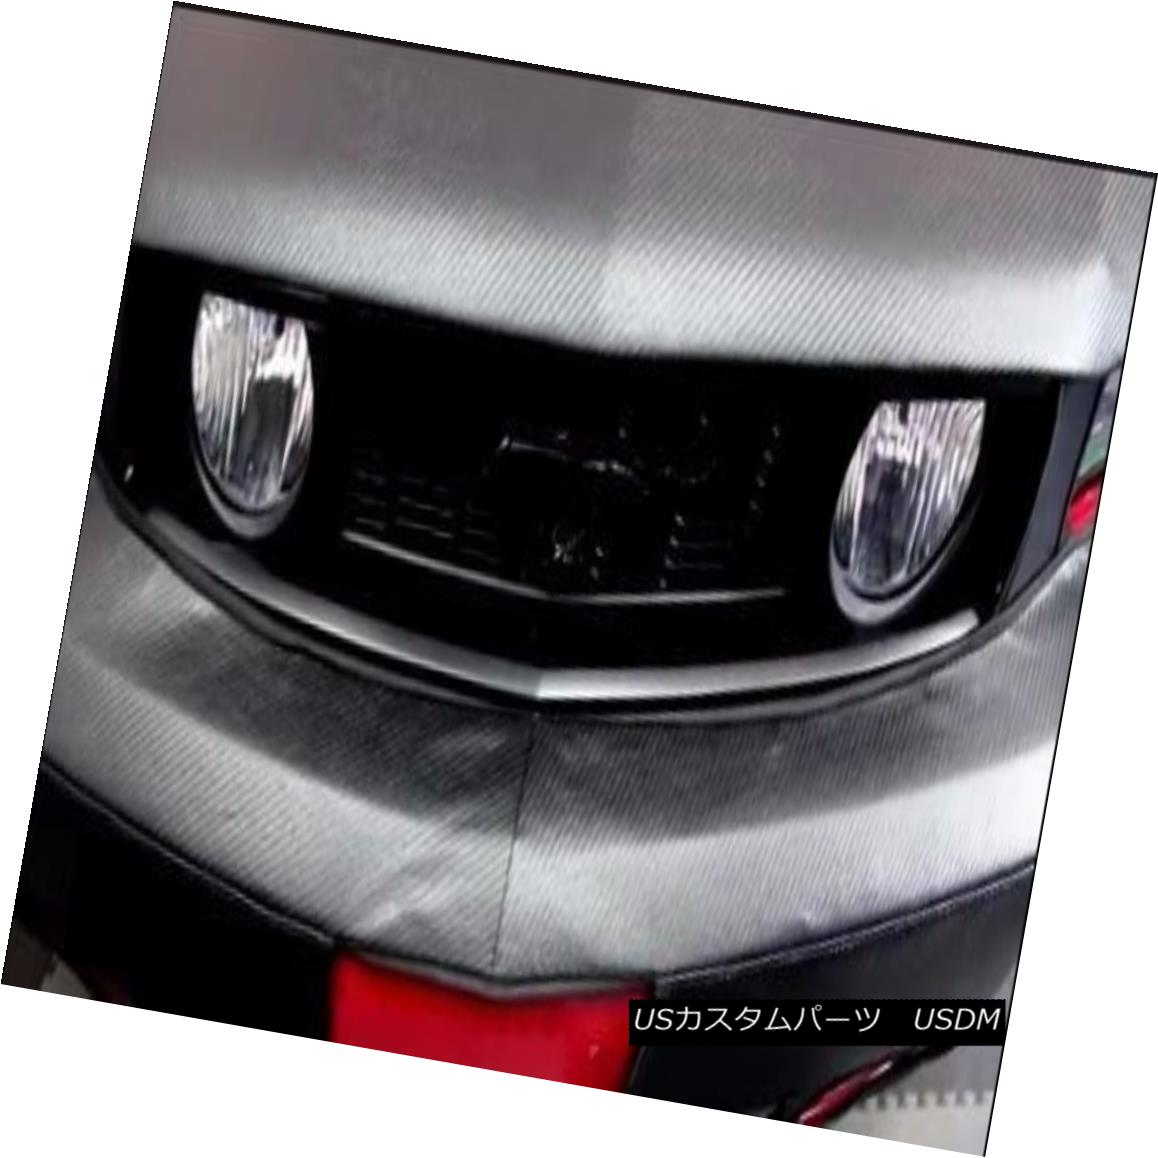 フルブラ ノーズブラ Colgan CF Front End Mask Bra 2pc. Fits Volvo XC90 2003-2006 With License Plate コルガンCFフロントエンドマスクブラ2pc。 Volvo XC90 2003-2006にナンバープレートを装着